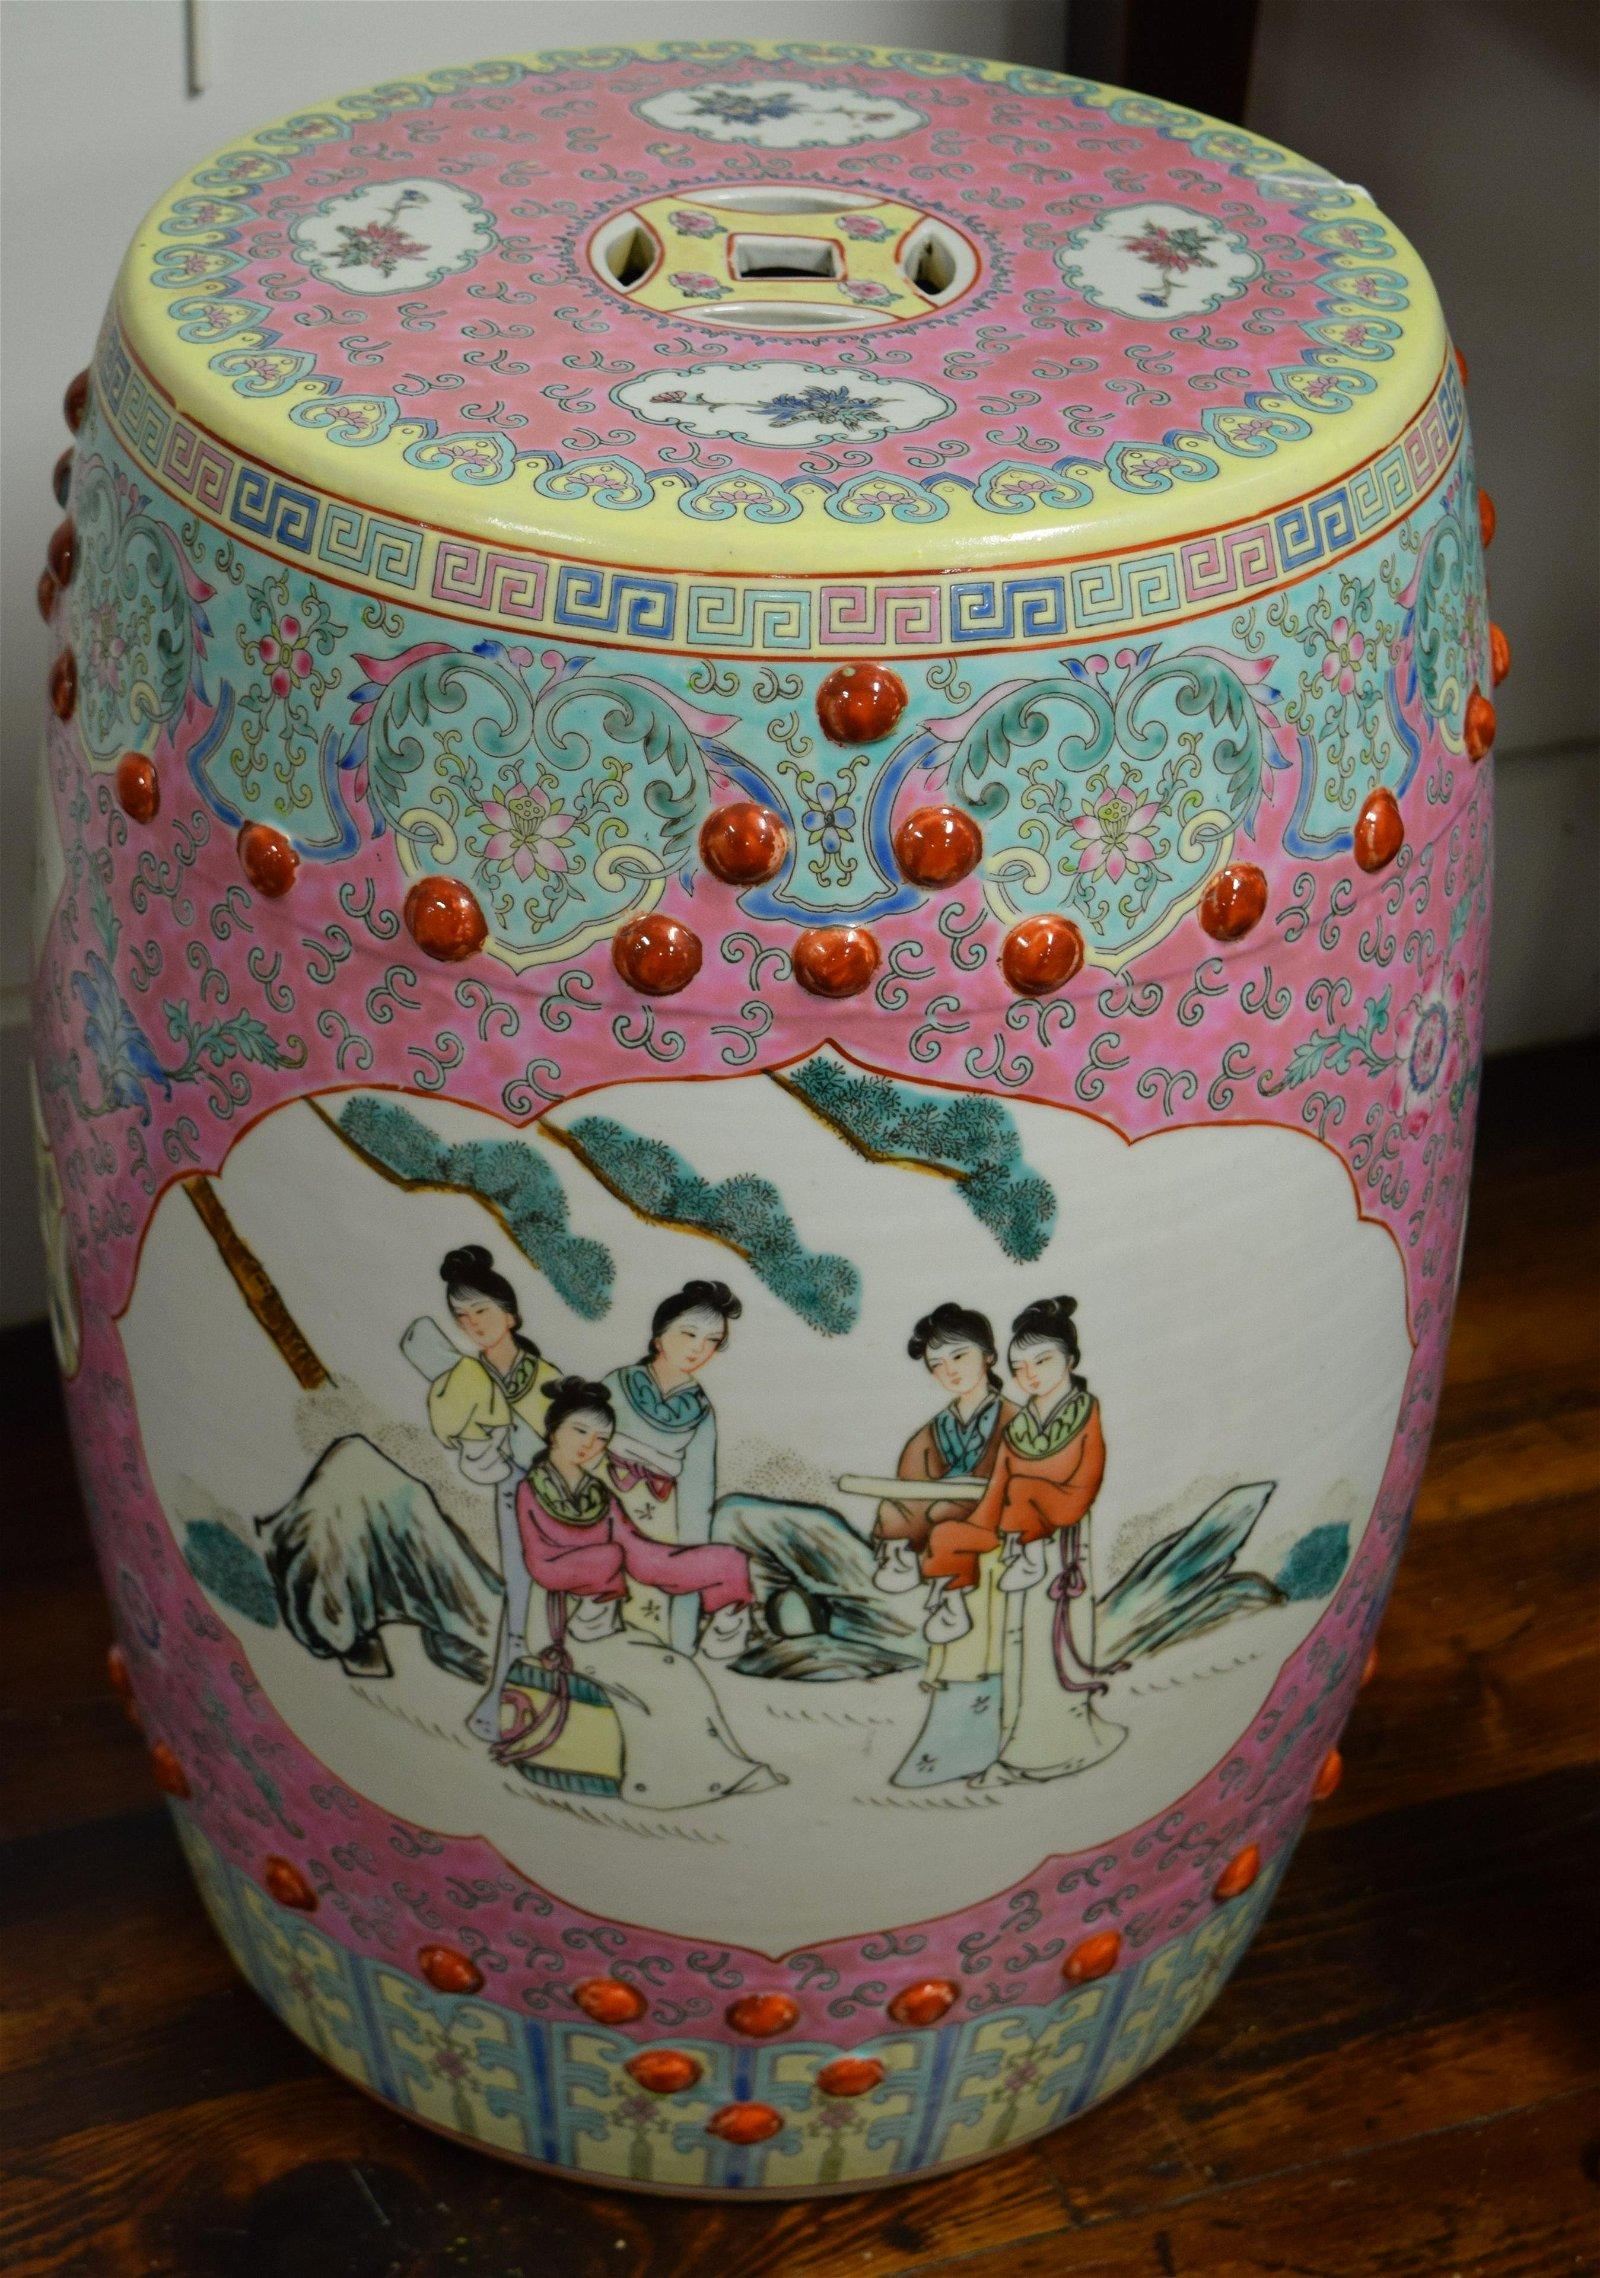 MODERN ASIAN FAMILLE ROSE PORCELAIN GARDEN SEAT: